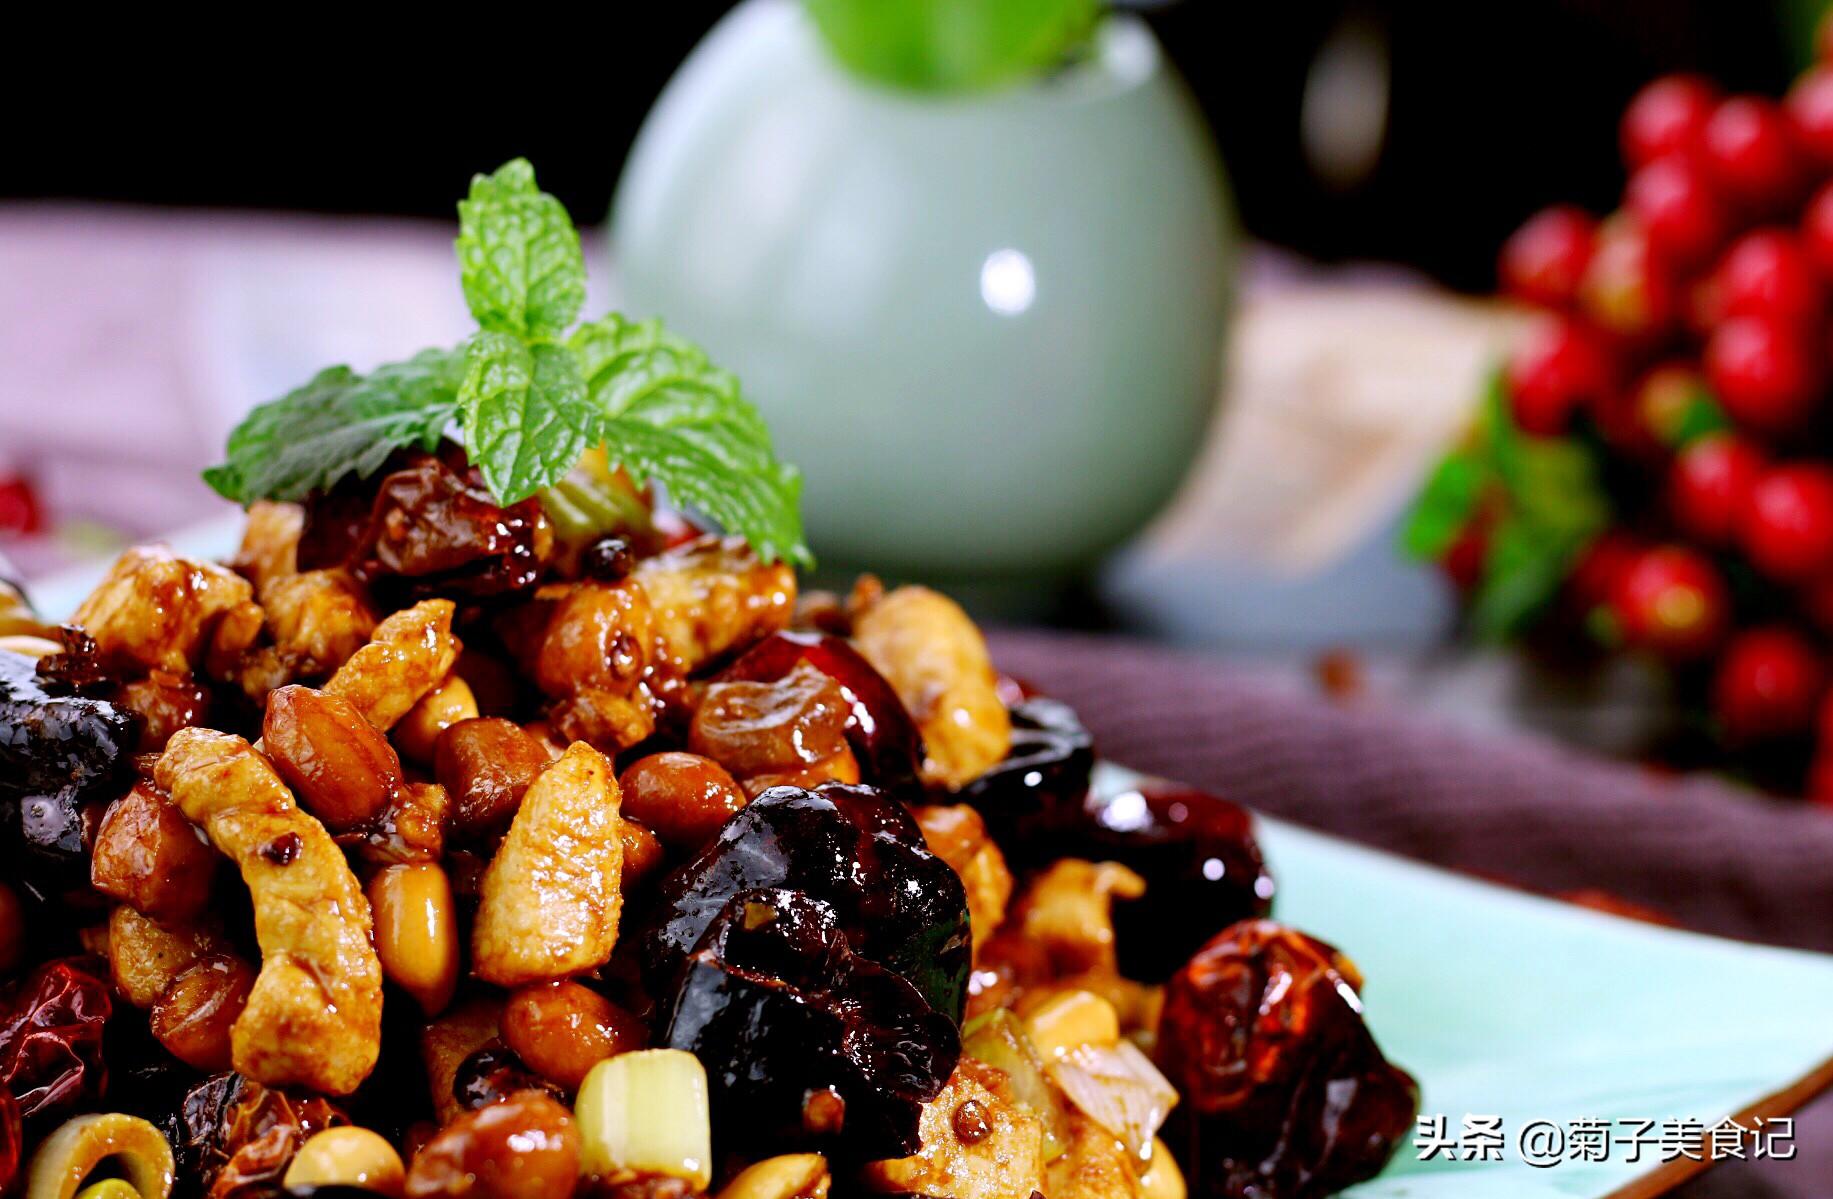 这12道川菜菜谱请收好,经典川味,色香味俱全,四川人家的味道 川菜菜谱 第11张